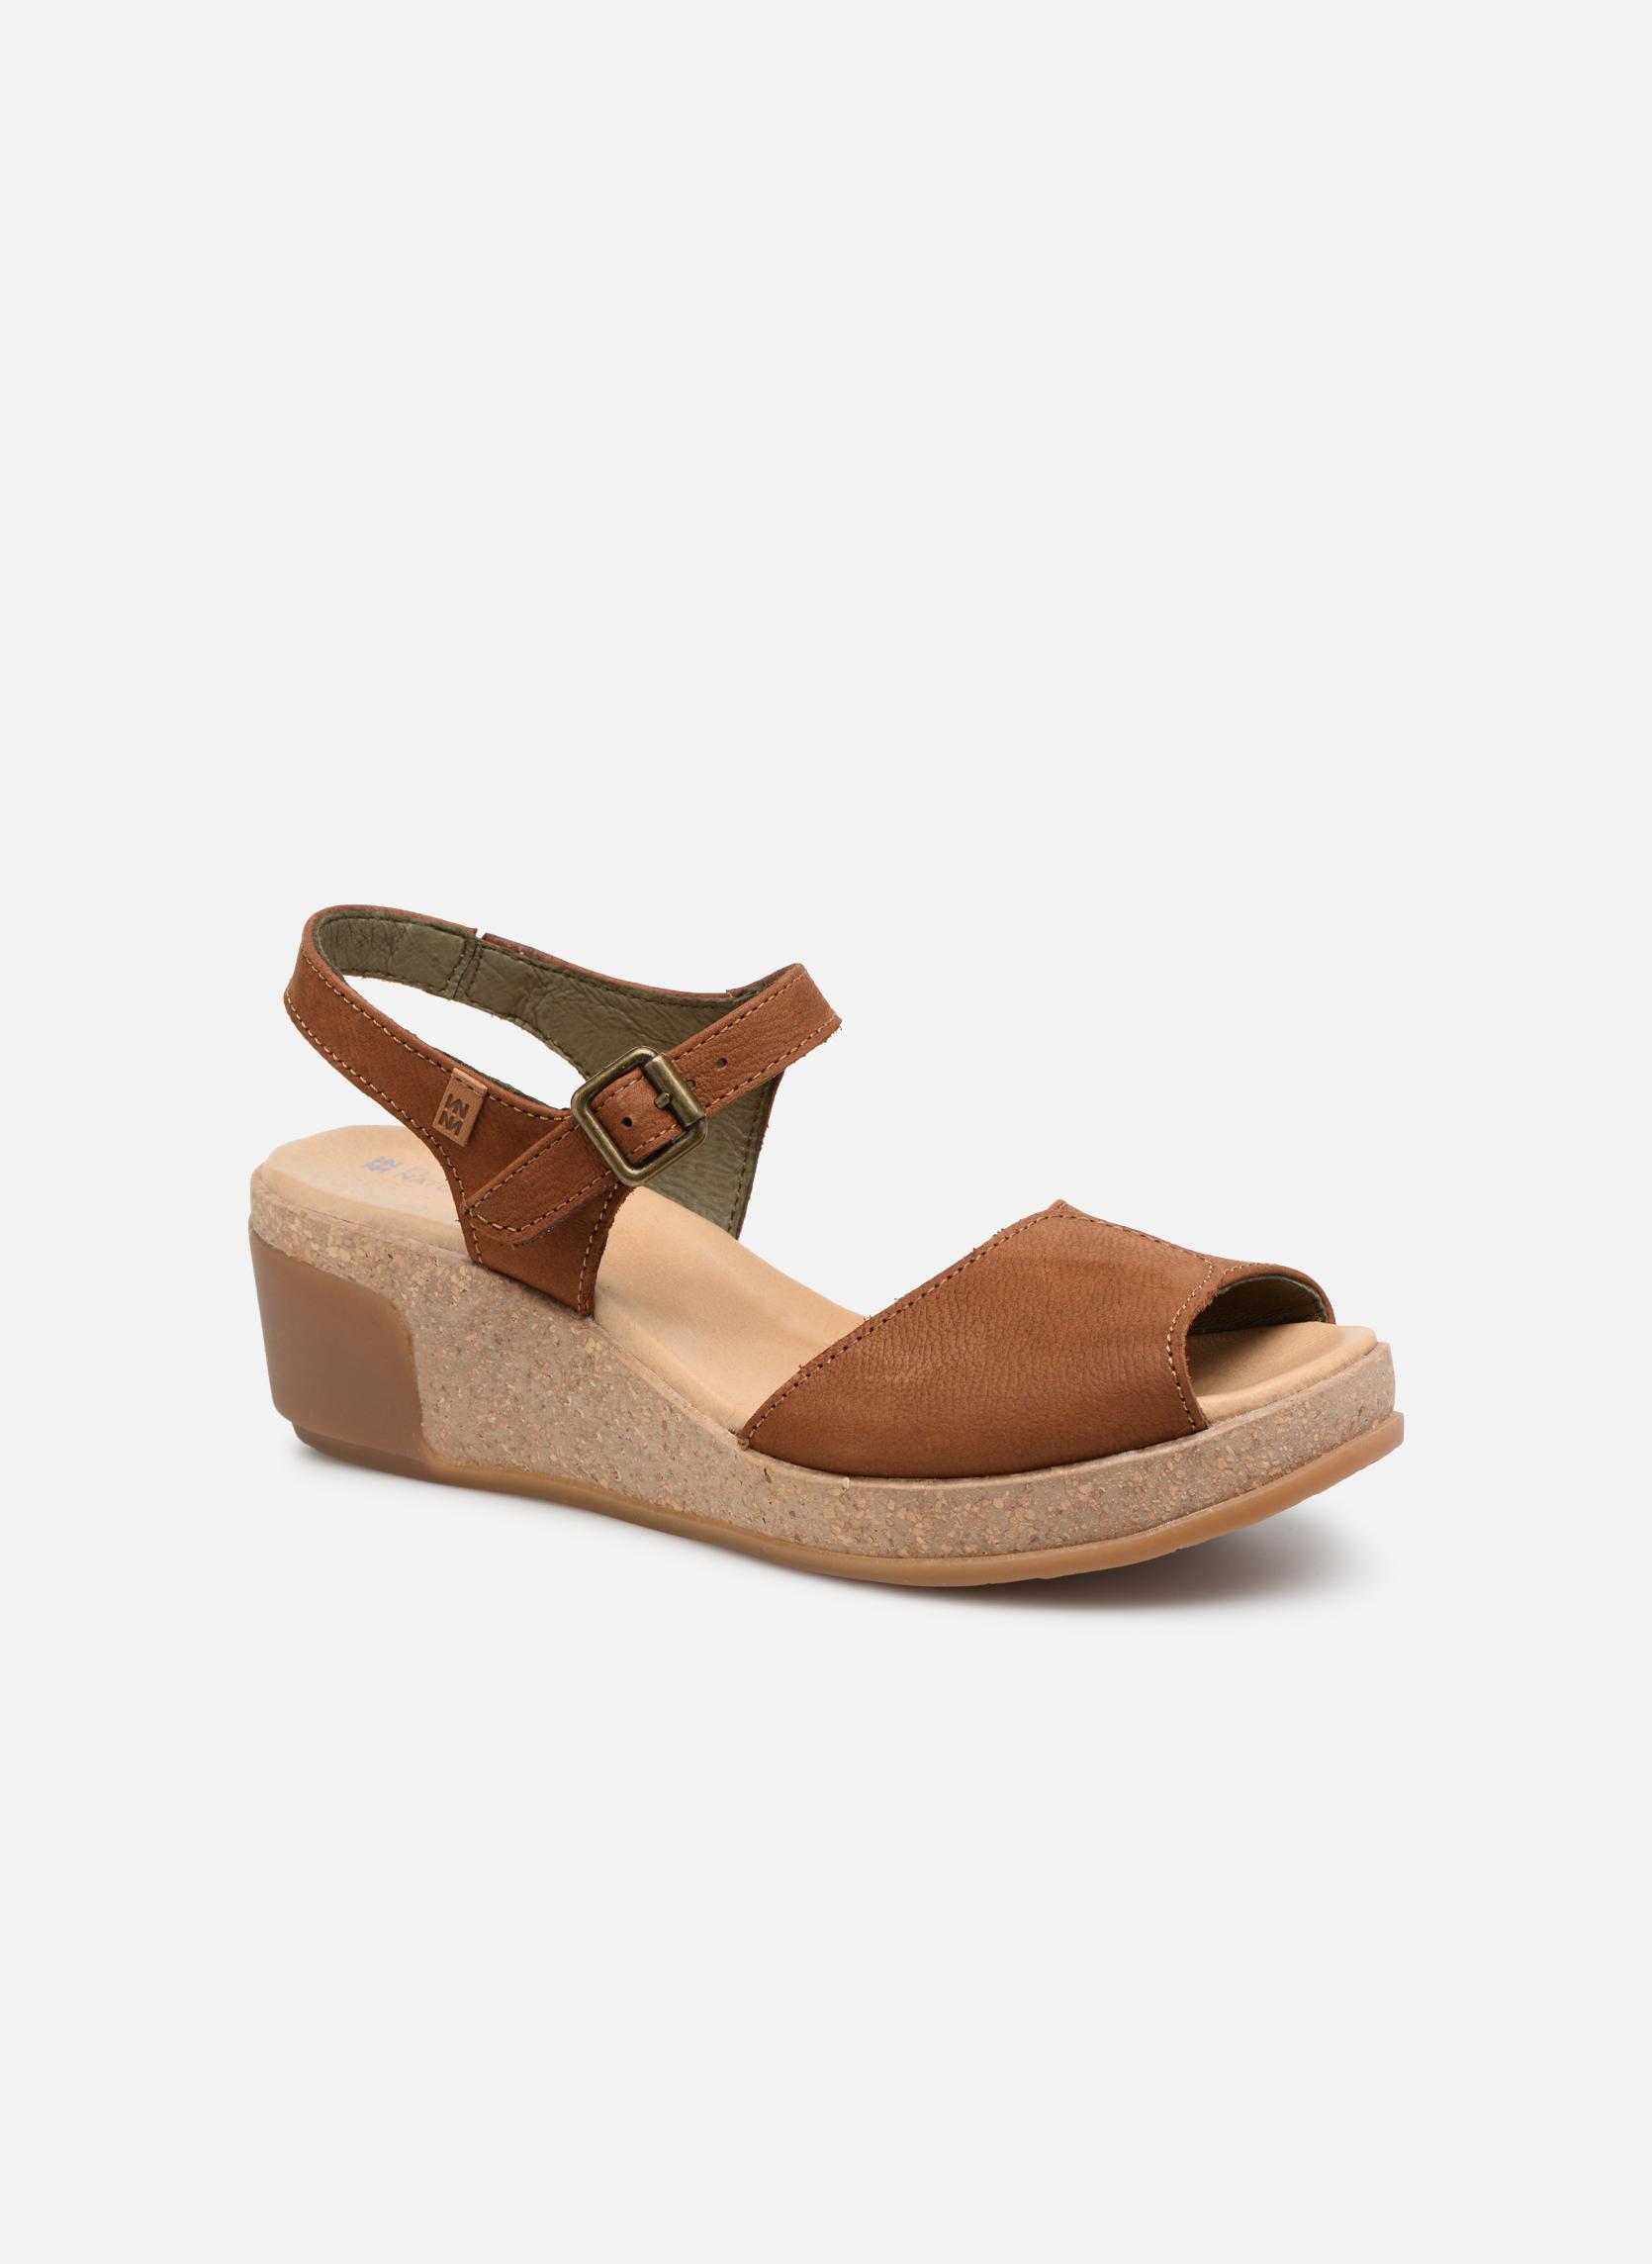 watch 56978 554b0 scarpe spagnole marchi, Scarpe, borse e vestiti Online Store ...